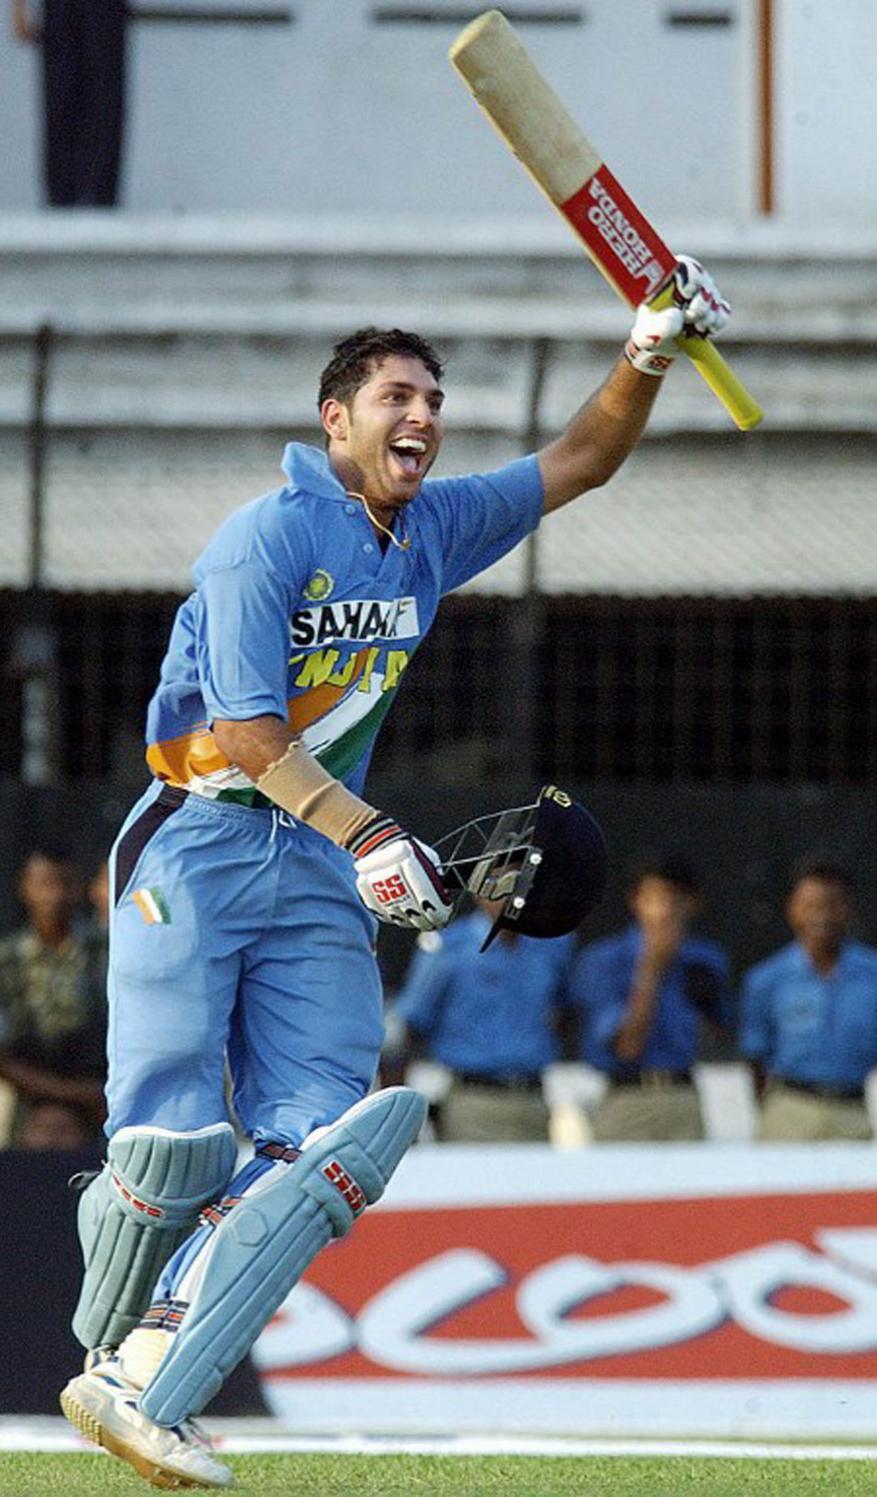 బంగ్లాదేశ్తో జరిగిన మ్యాచ్లో సెంచరీతో కదం తొక్కిన యువీ (ఫైల్) (Image: AFP)